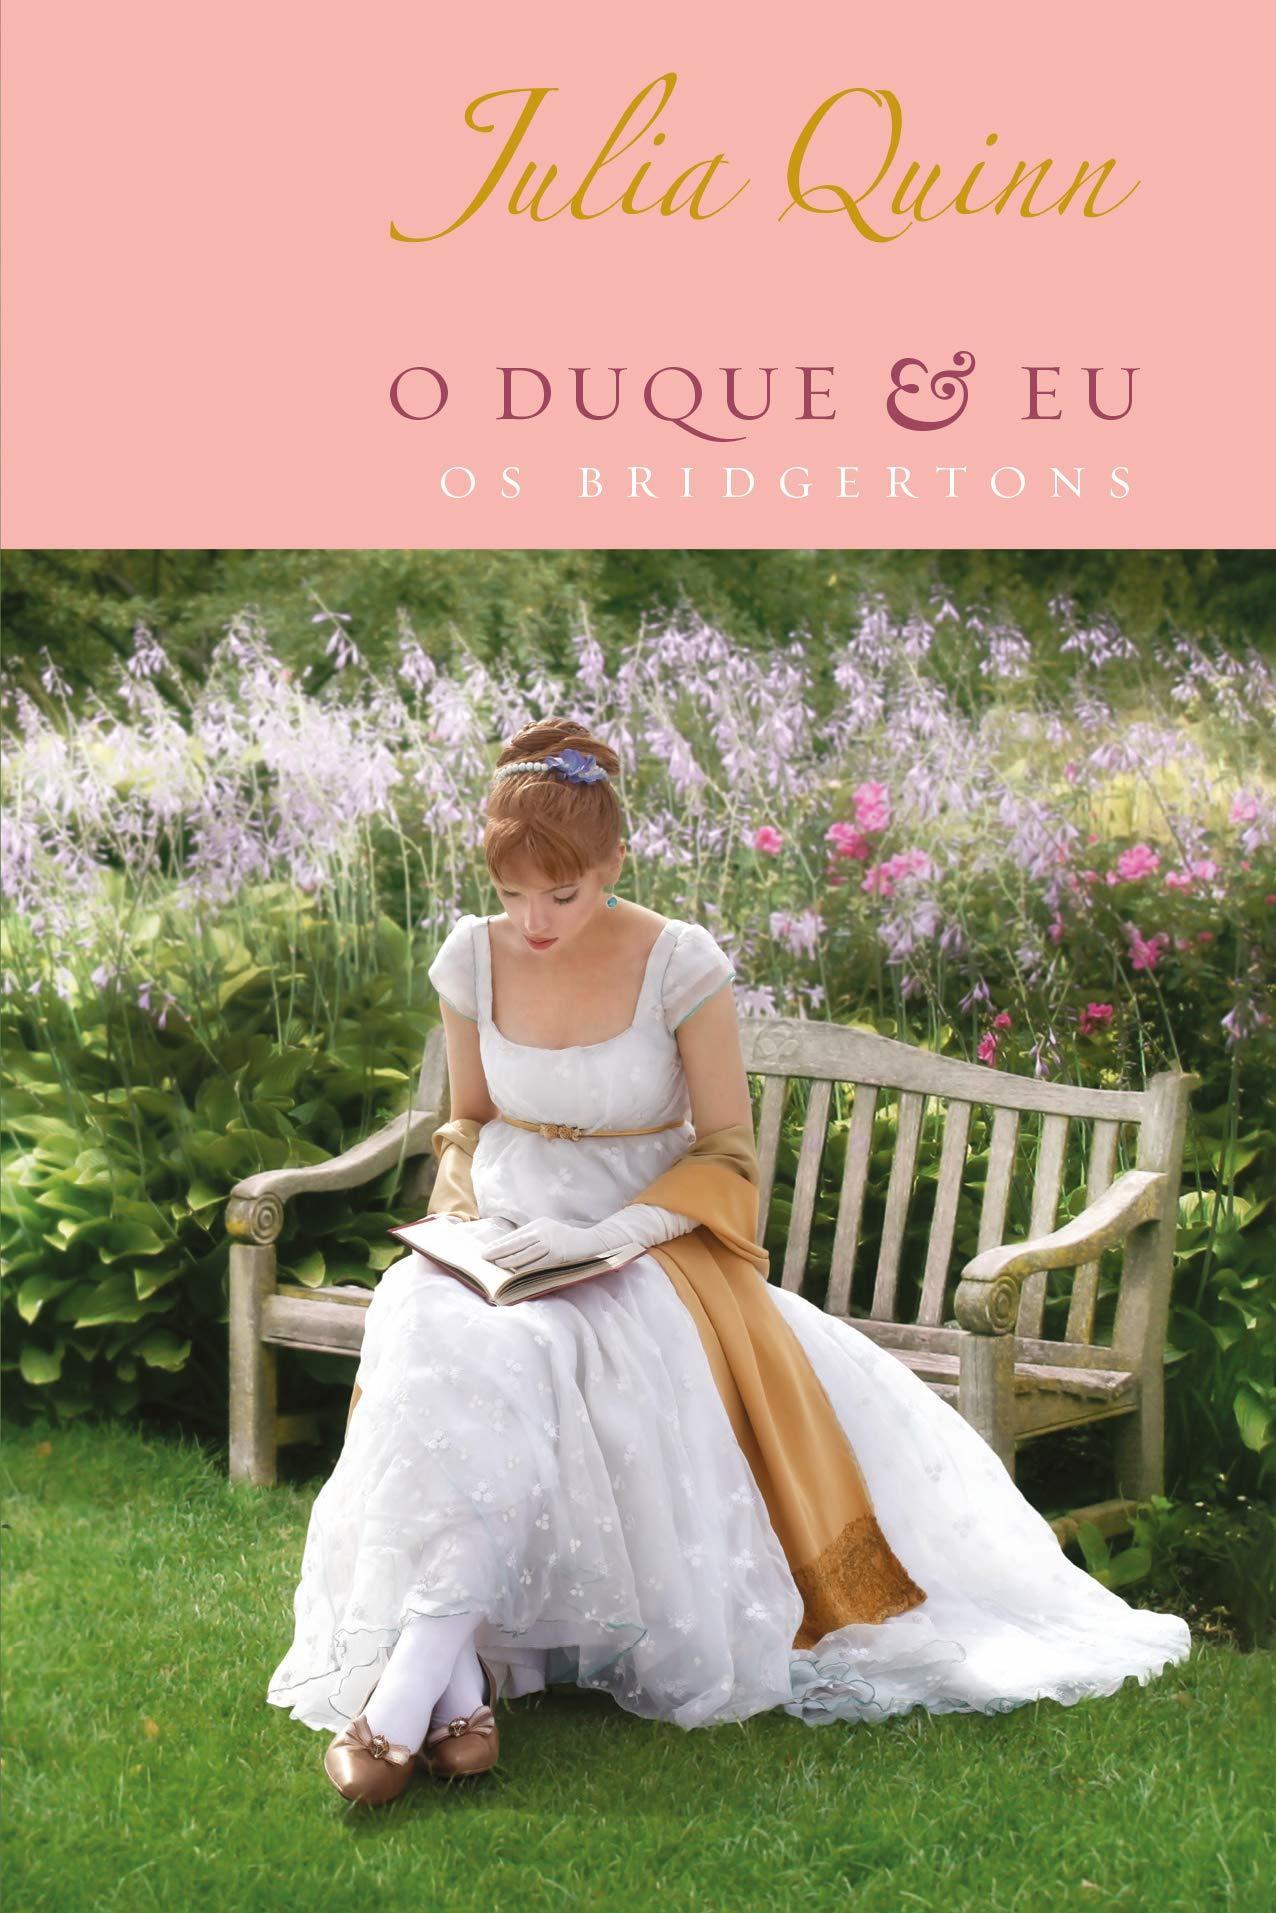 O Duque e eu - Edição Luxo Os Bridgertons - Livro 1